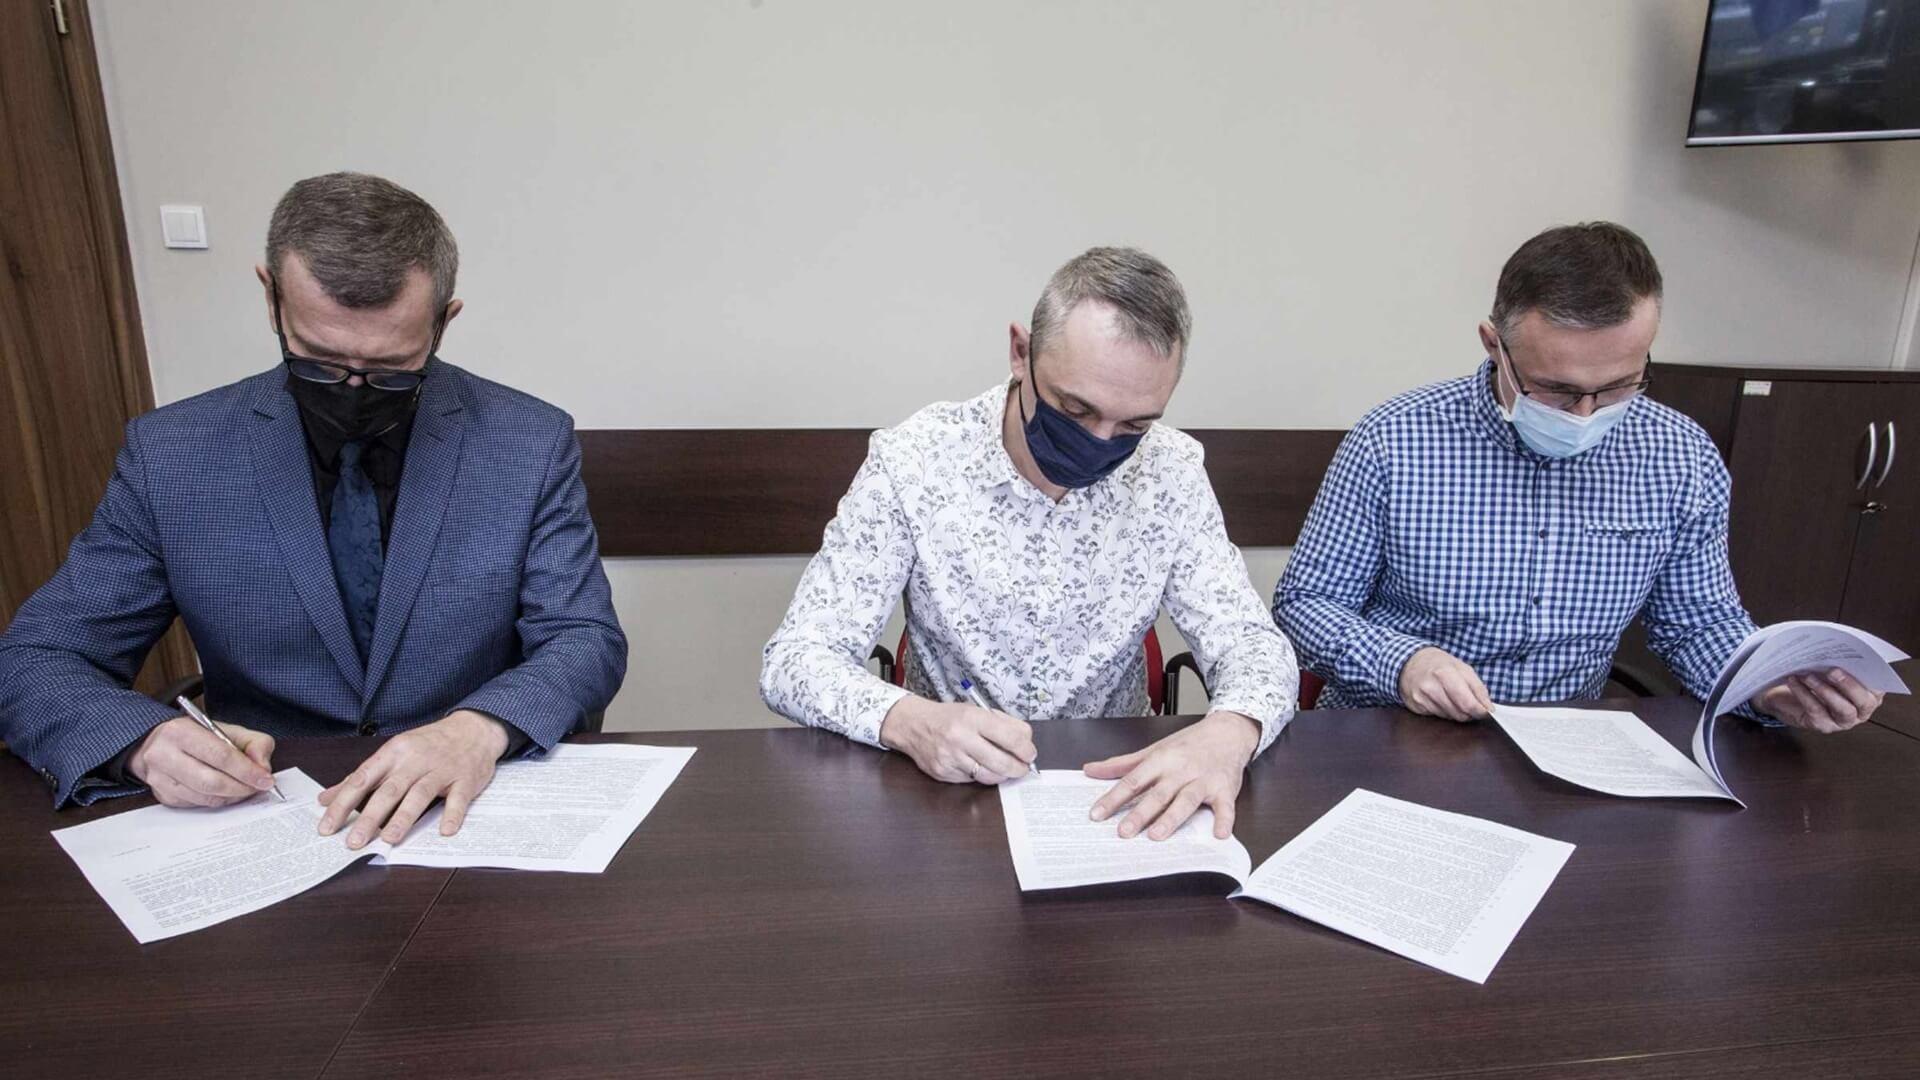 Podpisanie umowy na budowę centrum opiekuńczo-mieszkalnego w Daniłowie Dużym, źródło: www.lapy.pl